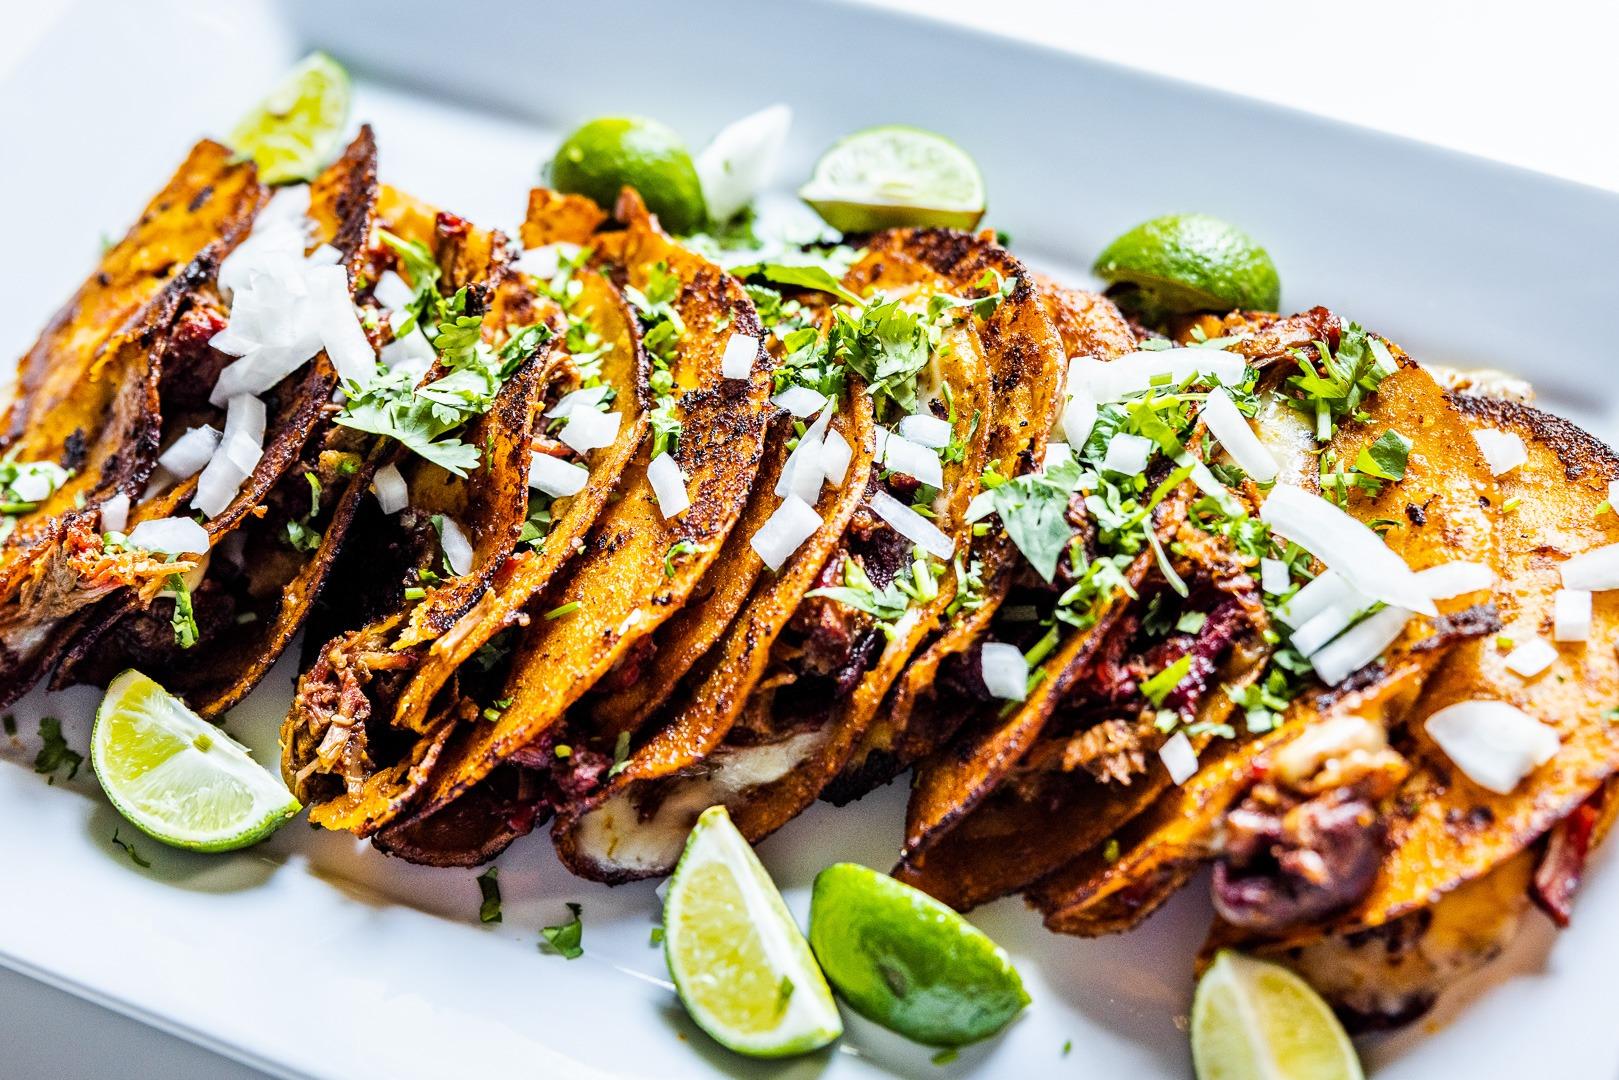 Quesabirria (birria tacos)